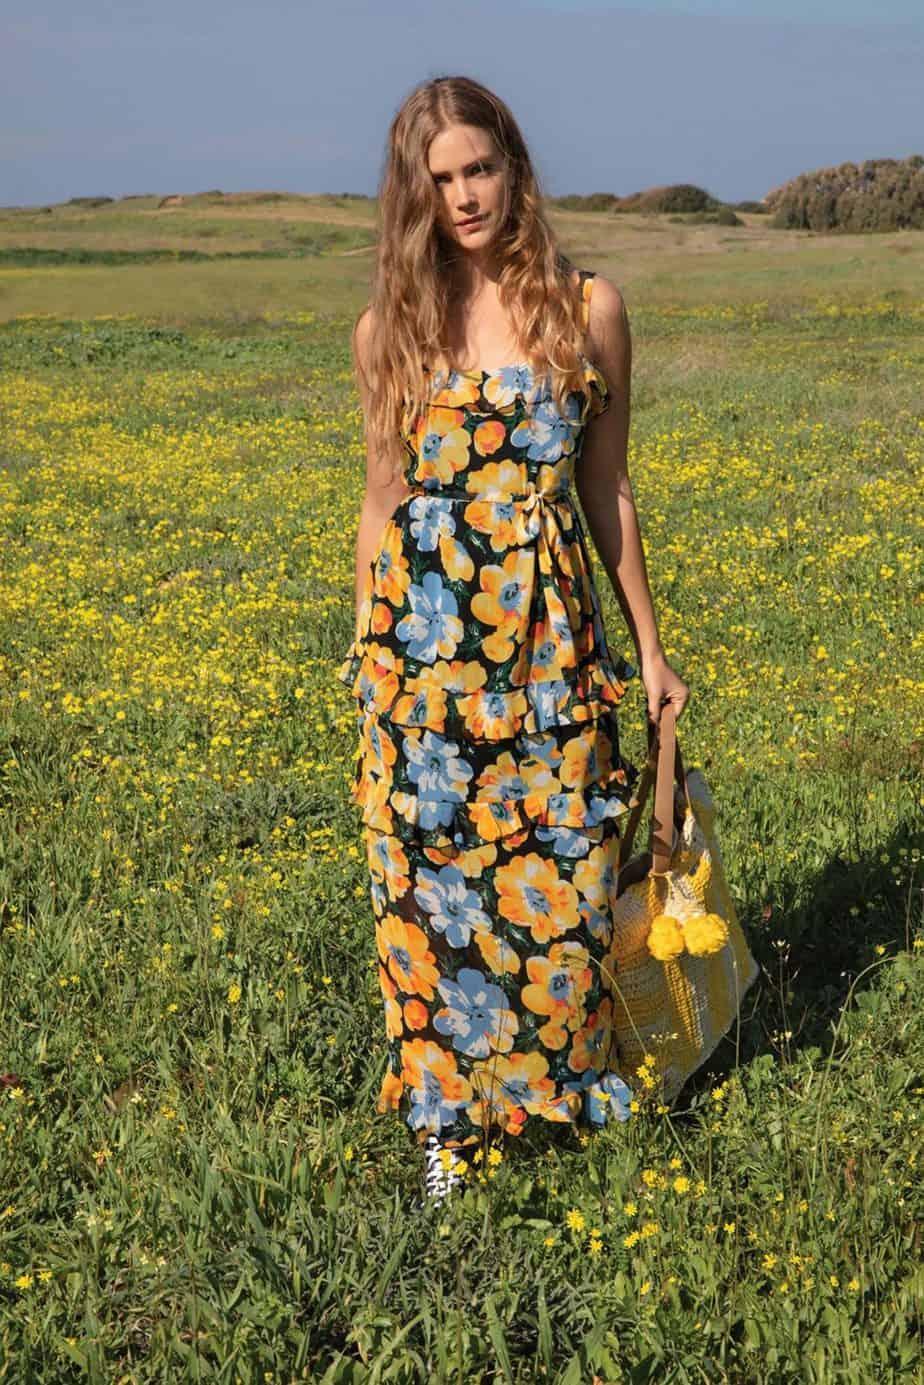 אסתי גינזבורג, גולברי שמלה 399.90 שח תיק 99.90 שח צילום יניב אדרי (1) (Custom) (Custom)